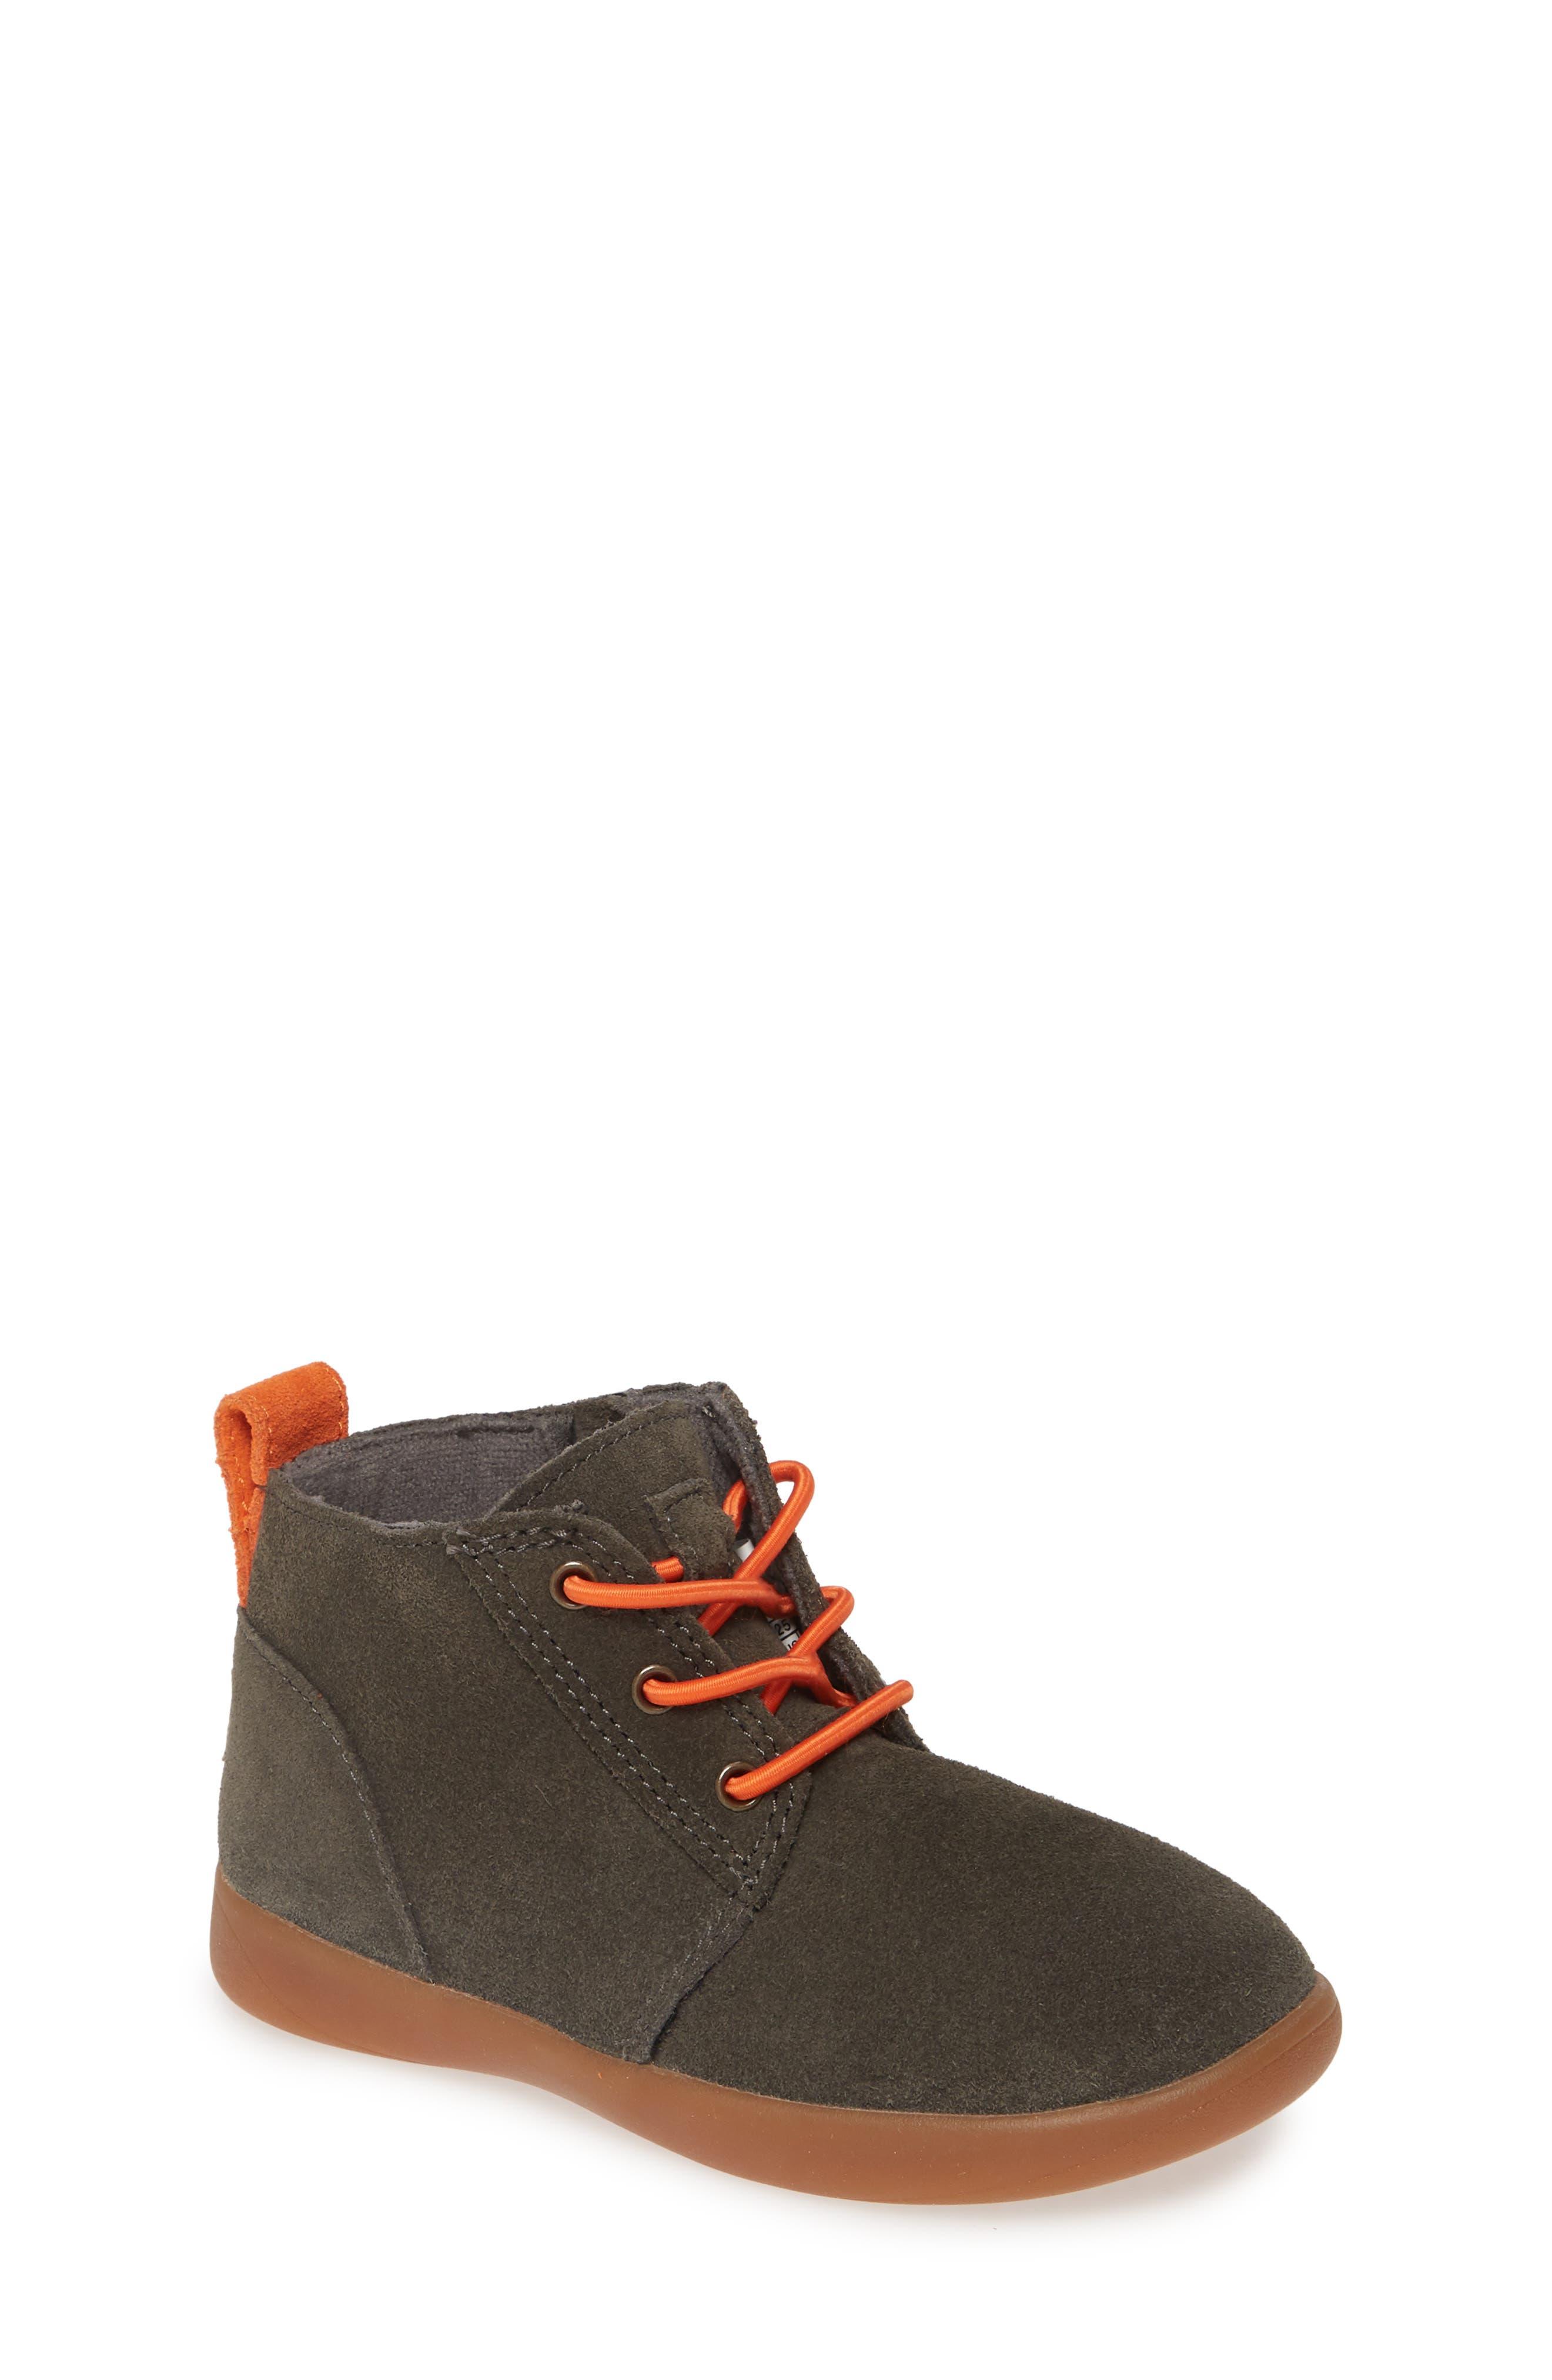 65cf4de5c50 ugg sneakers | Nordstrom